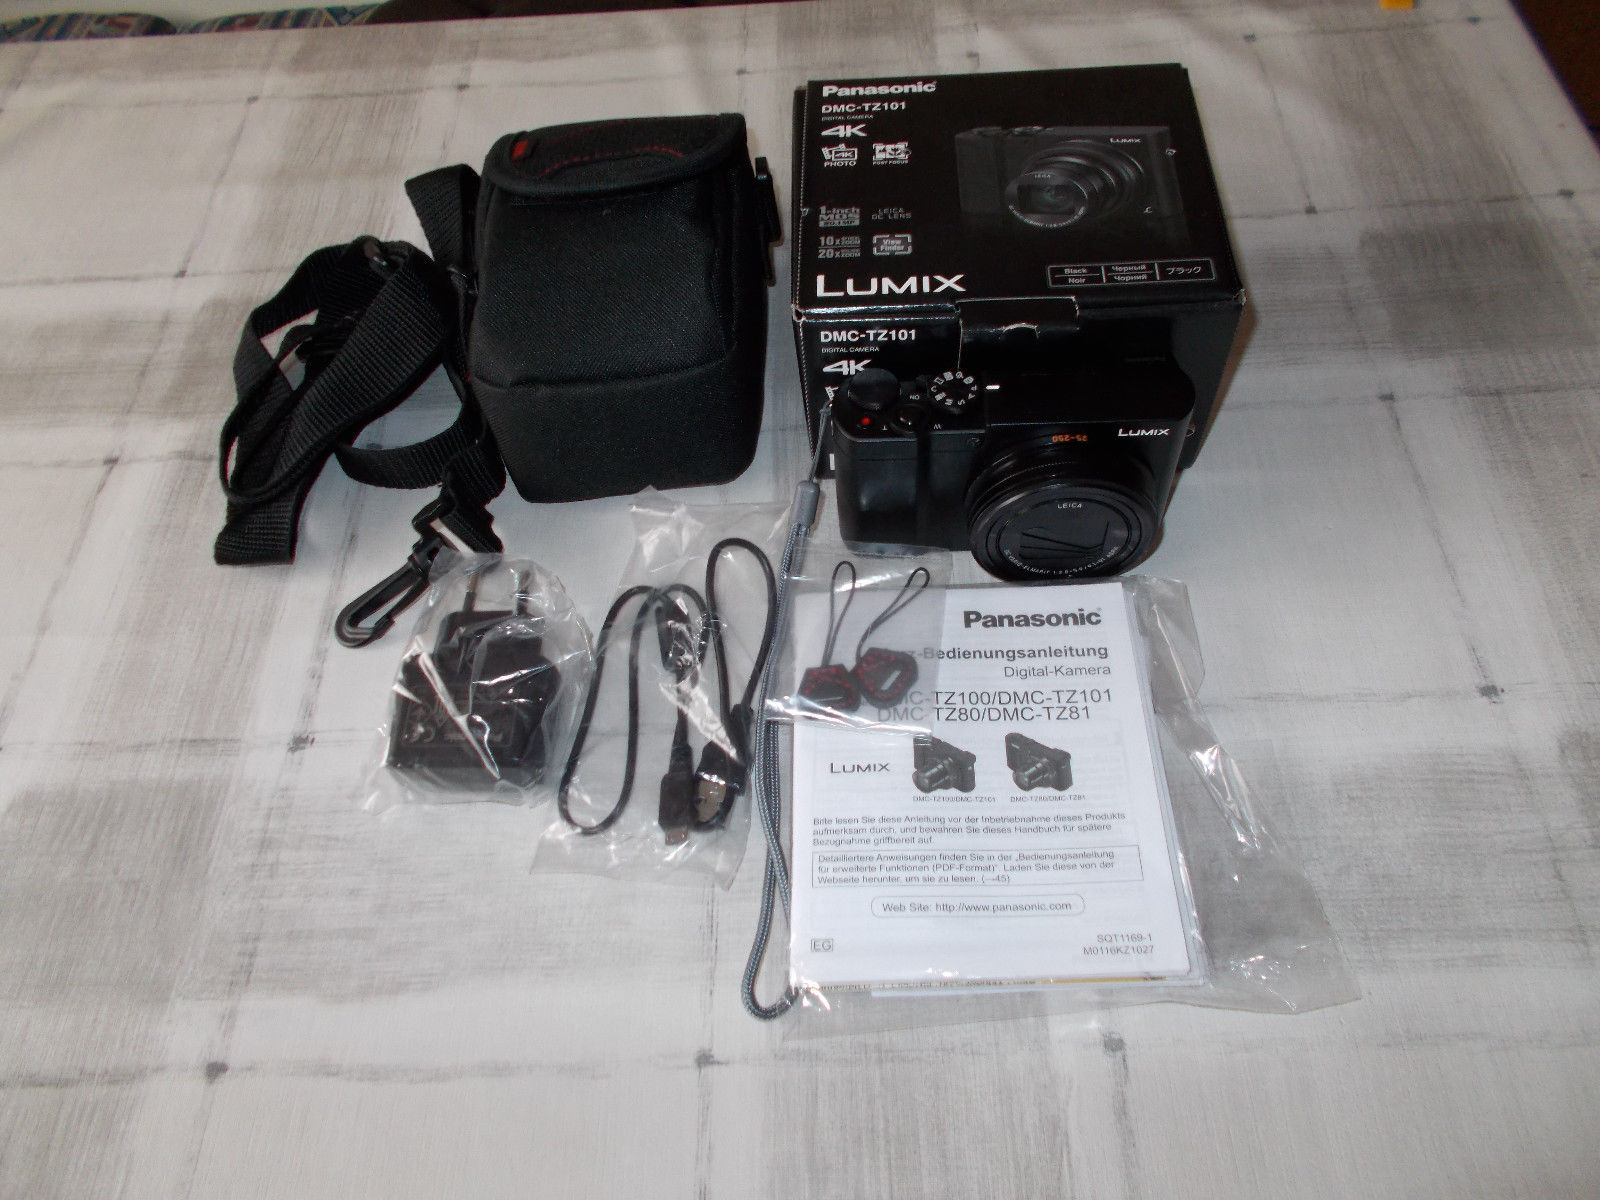 Panasonic Lumix DMC-TZ101 EGK in schwarz ( wenig benutzt, wie neu)